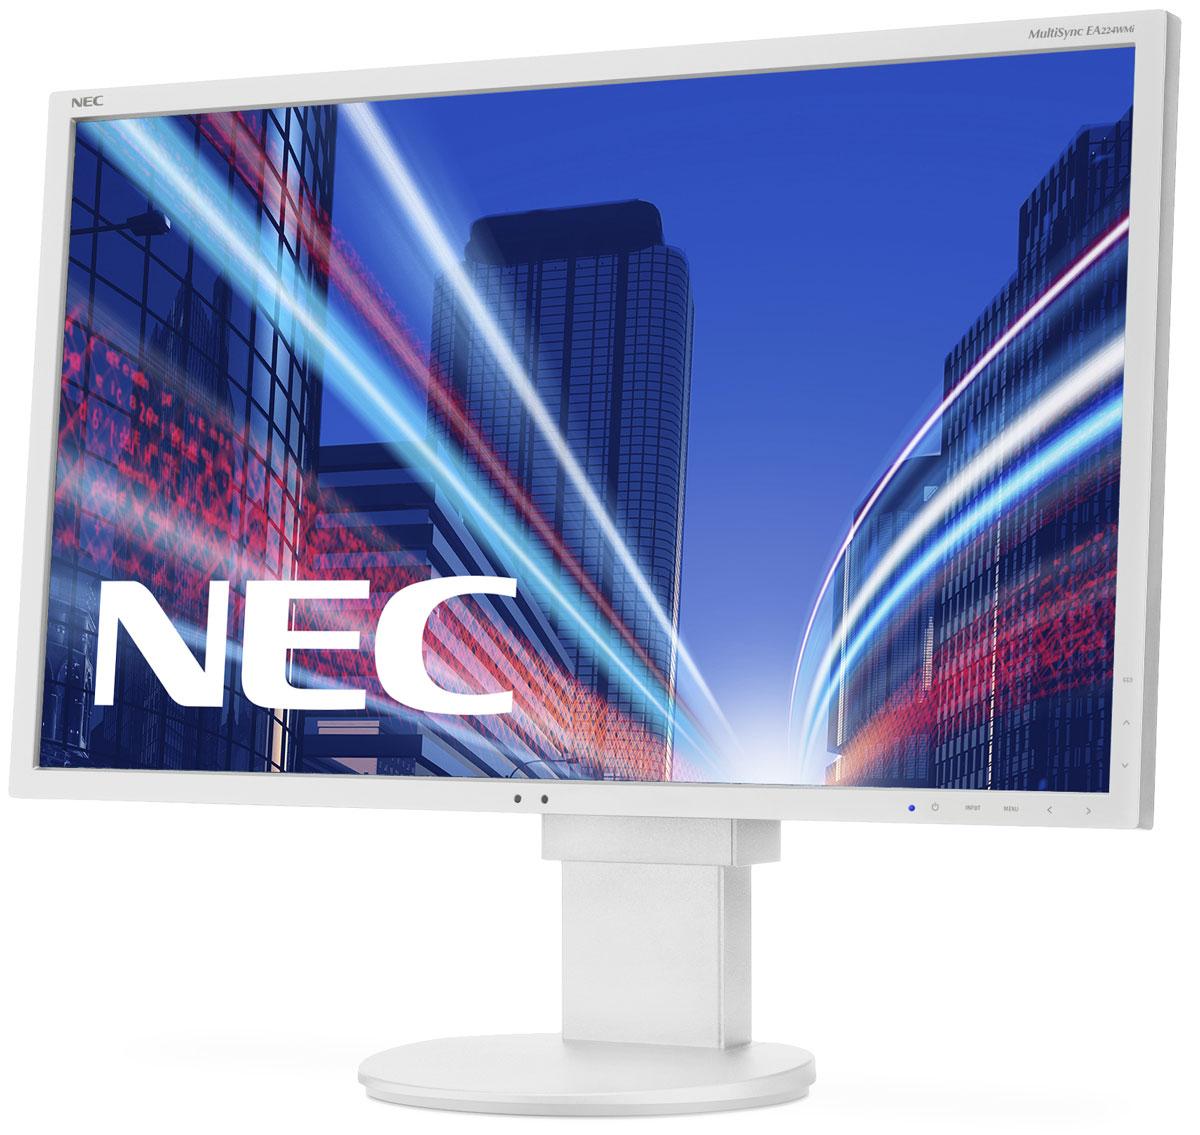 NEC EA224WMi, White мониторEA224WMIМодель EA224WMi от NEC MultiSync обладает очень тонкой панелью со светодиодной подсветкой и IPS-технологией, что обеспечивает ультрасовременный и ультратонкий дизайн в сочетании с характеристиками, идеальными для корпоративного офисного использования. Датчик рассеянного света и датчик присутствия являются стандартными характеристиками данной модели, кроме того, модель обладает улучшенными эргономическими характеристиками, например, механизмом регулирования высоты до 130 мм. Дисплей также располагает широкими возможностями соединения, 3 входами: DisplayPort, DVID и D-Sub. Благодаря превосходному качеству изображения IPS с широким углом обзора в формате экрана 16:9 данная модель обладает высоким уровнем эргономического комфорта. Датчик рассеянного света – благодаря функции автоматической яркости Auto Brightness всегда можно оптимизировать уровень яркости в зависимости от освещения и условий изображения. Датчик присутствия человека – определяет присутствие человека перед...